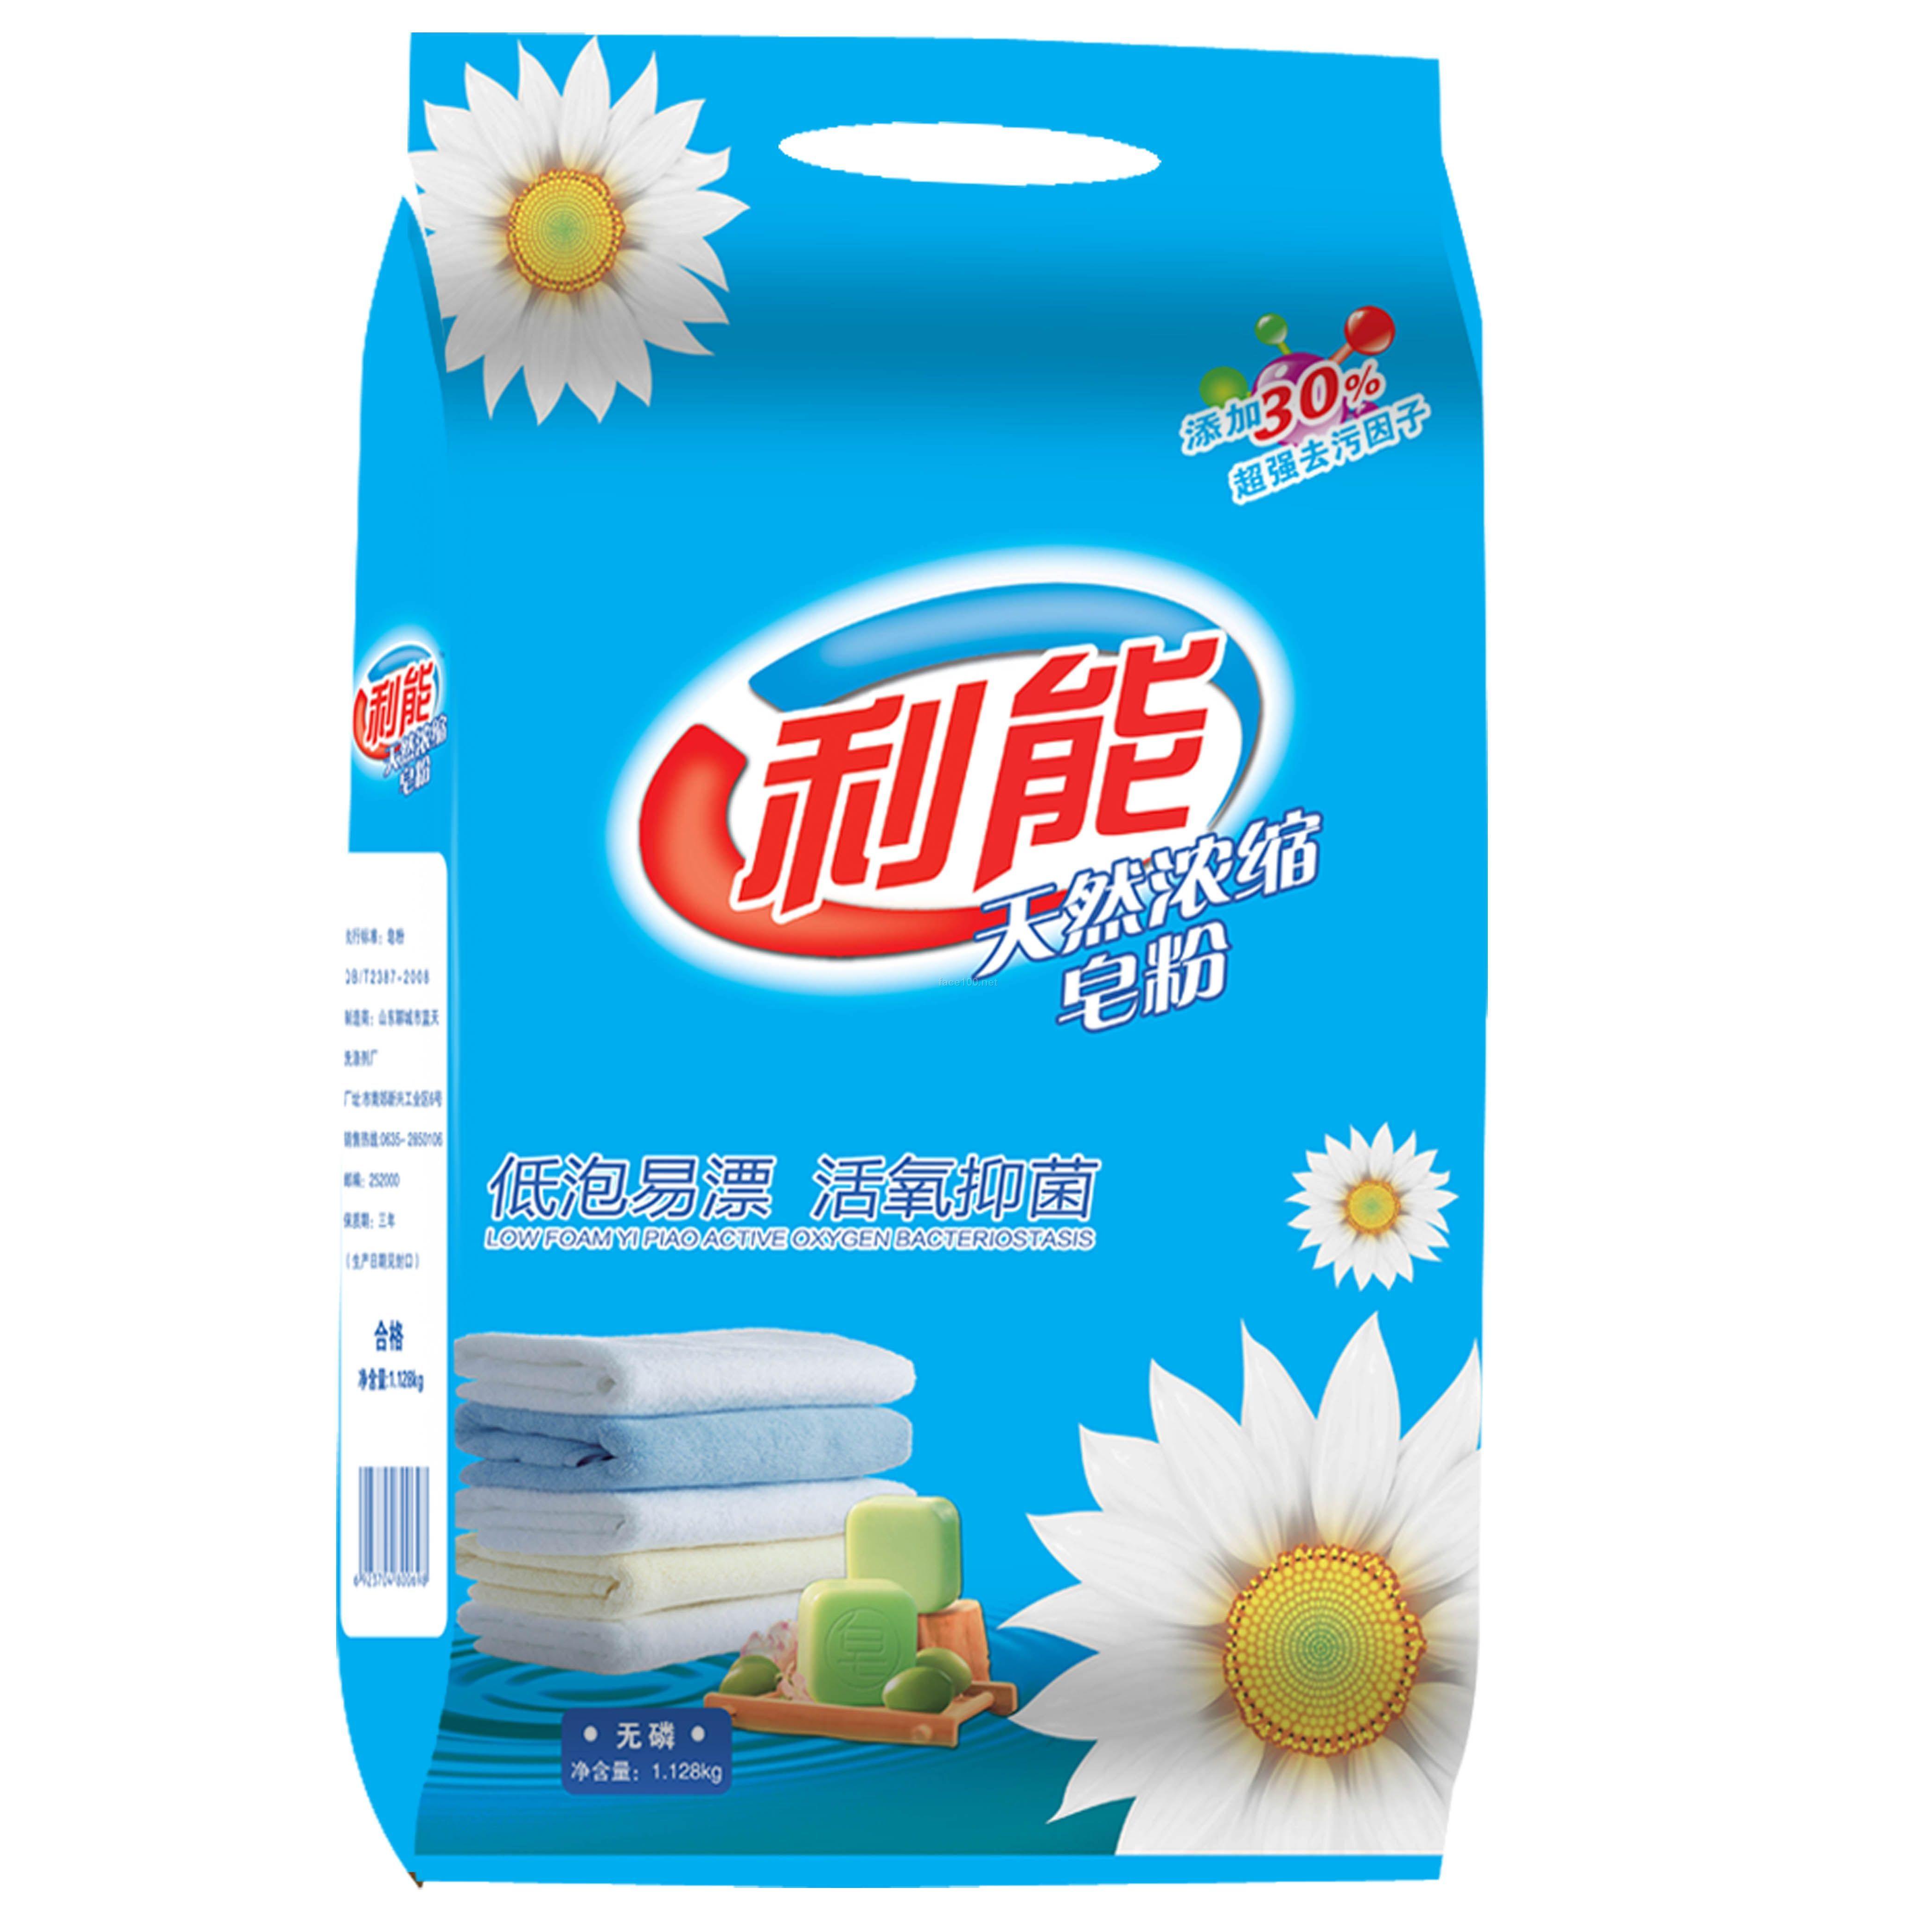 利能洗衣粉全国招商